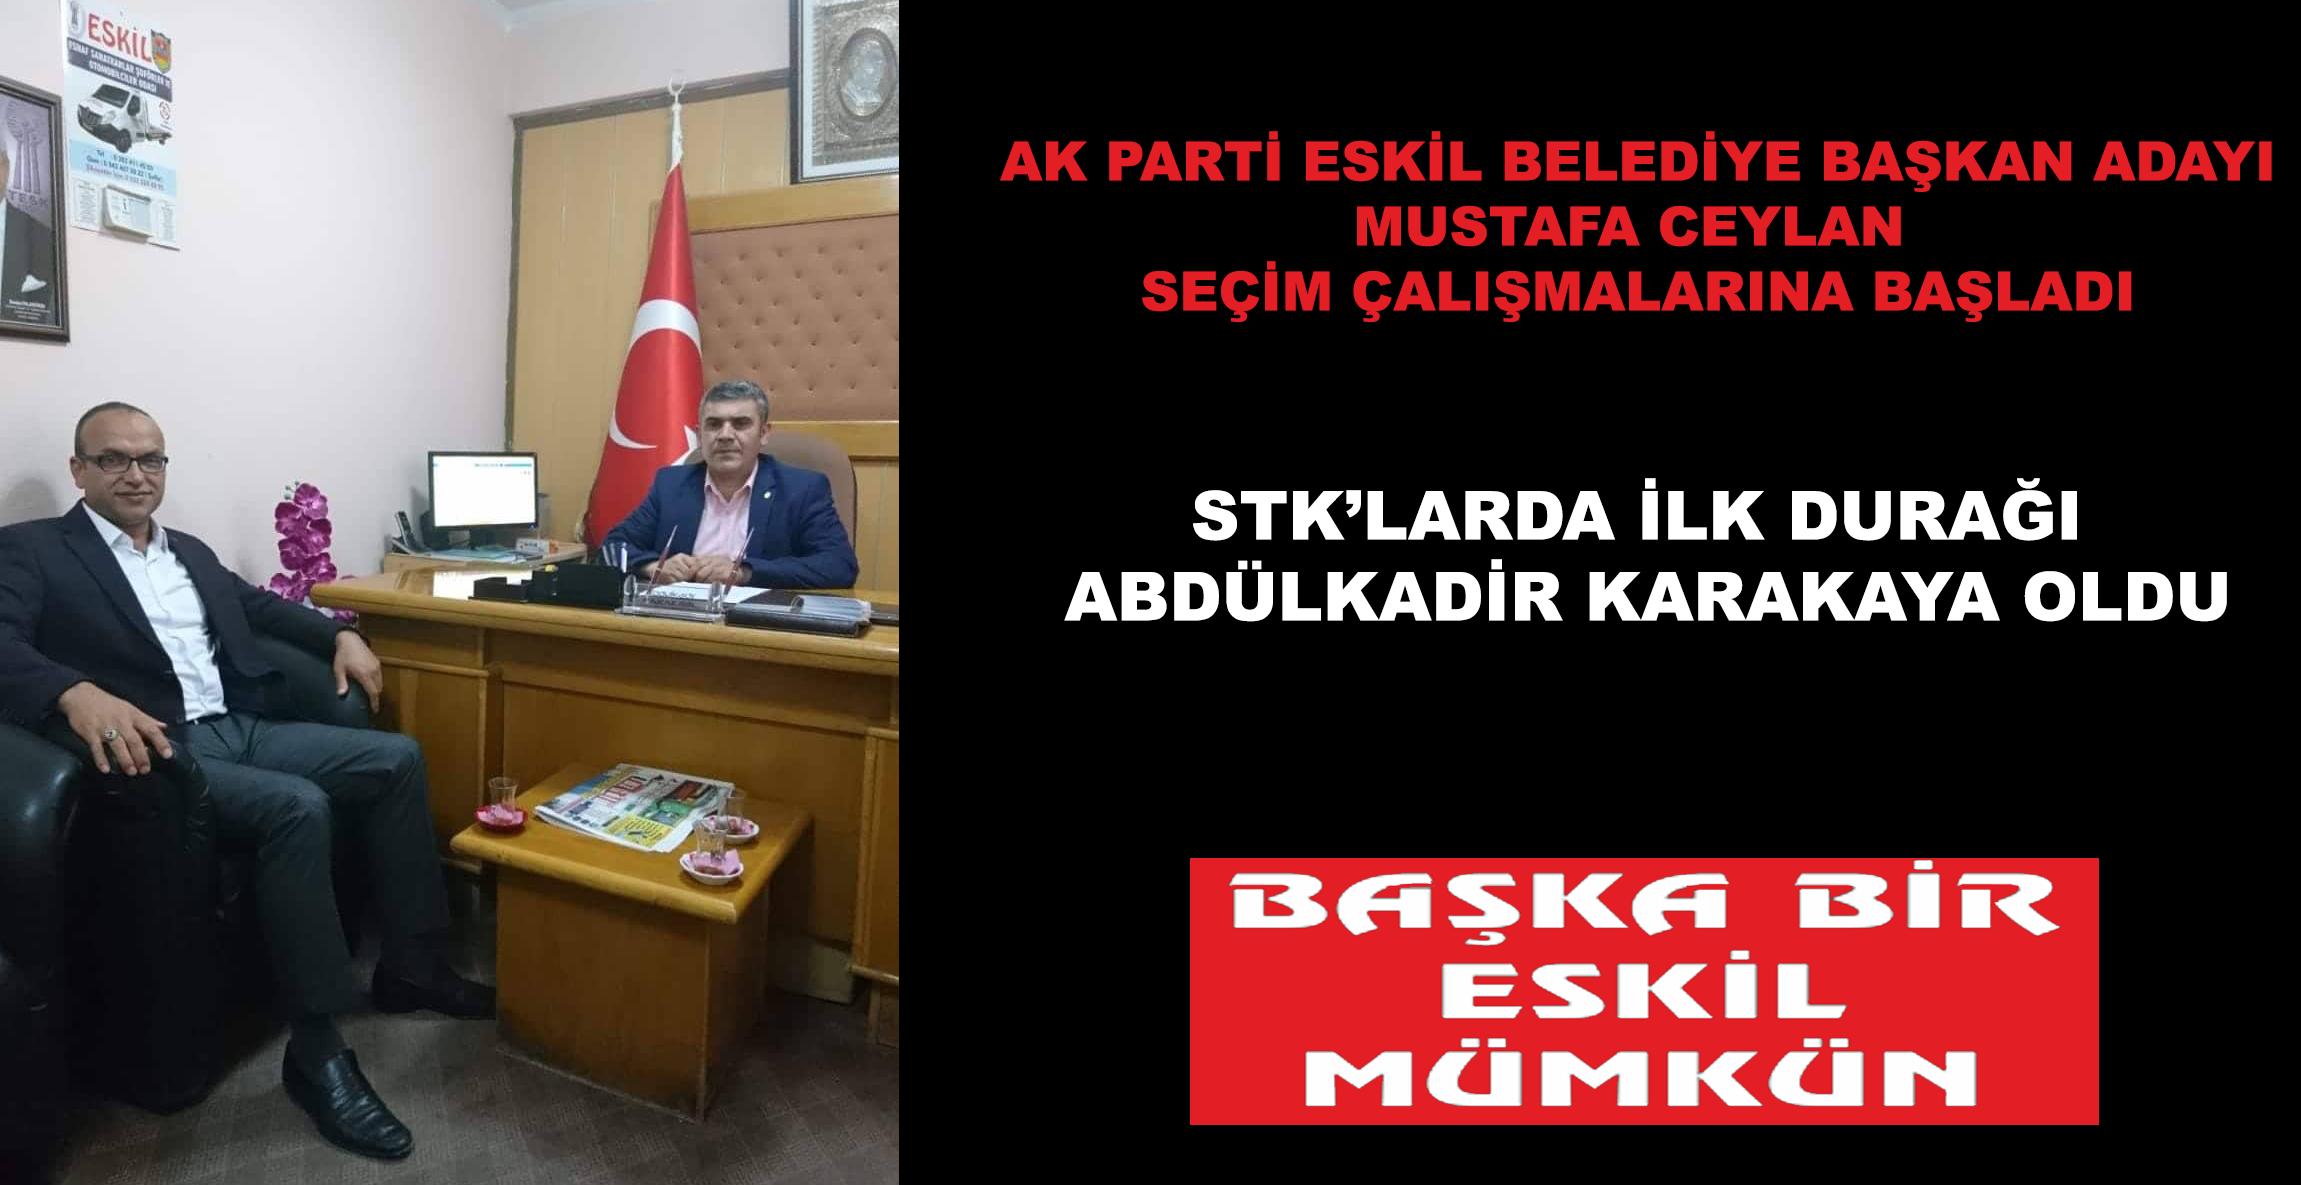 Mustafa Ceylan, Seçim Çalışmalarına Başladı